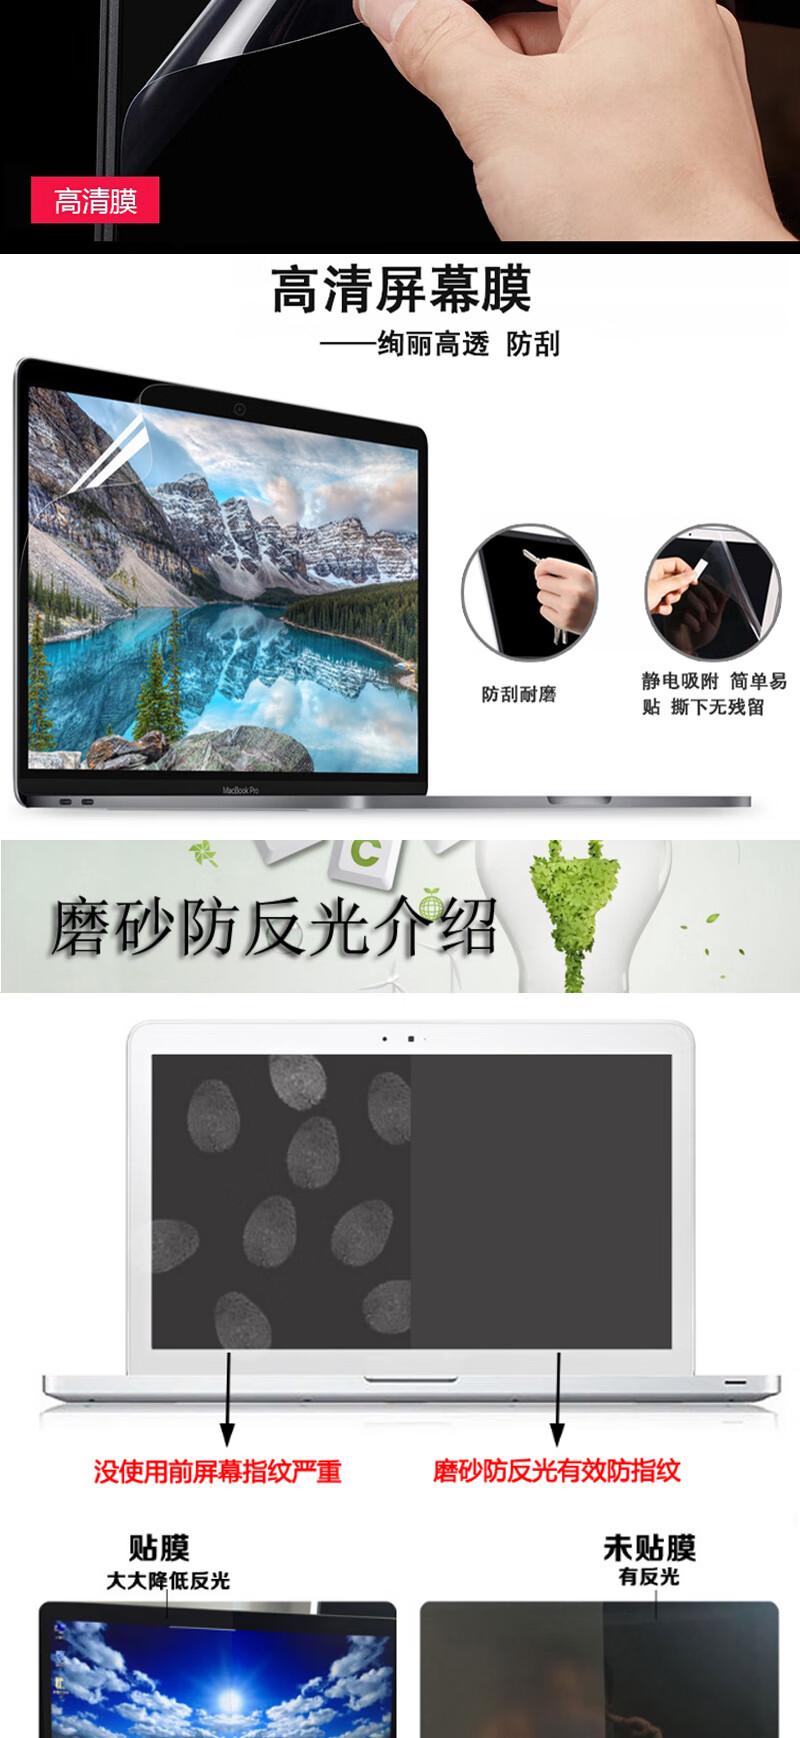 Dán Macbook  133Macbook AirA1369A1466 ABCD 苹果A1369/A1466(苹果004) - ảnh 36